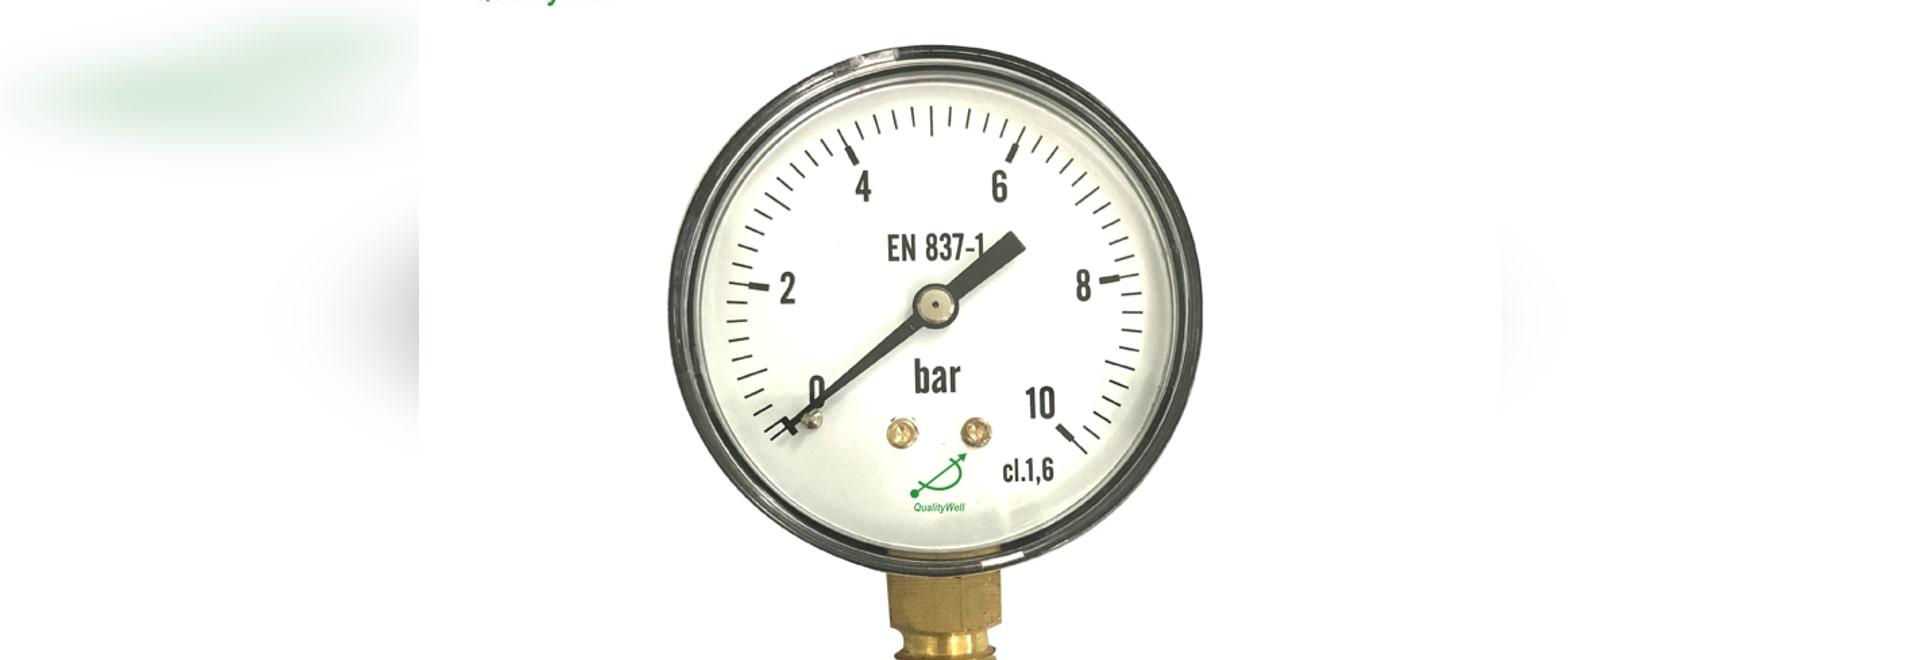 Selección del manómetro